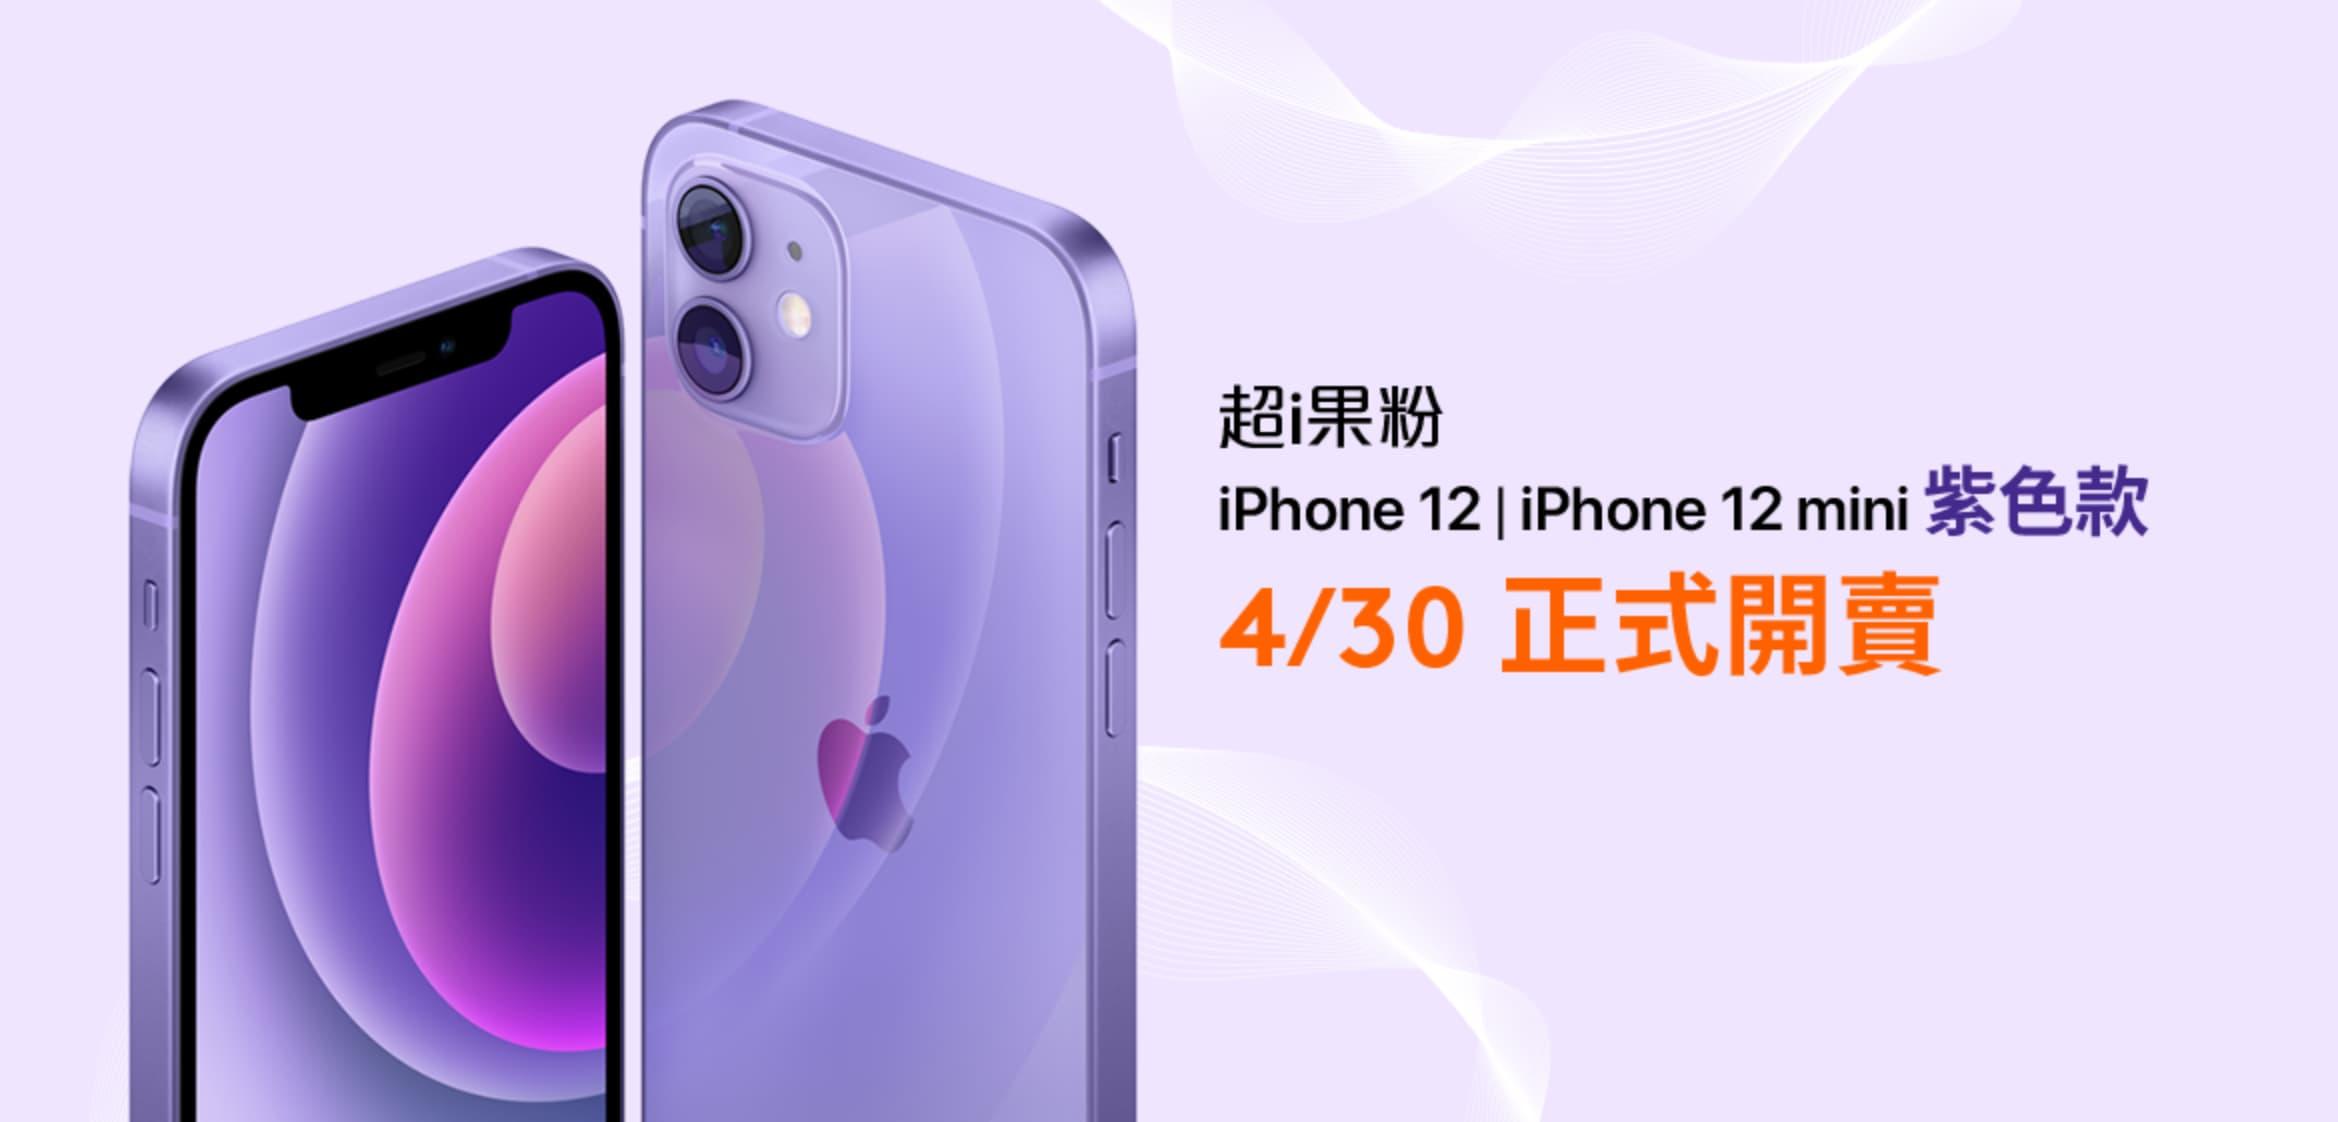 台灣大哥大iPhone 12 和 12 mini 紫色預購/開賣、優惠活動